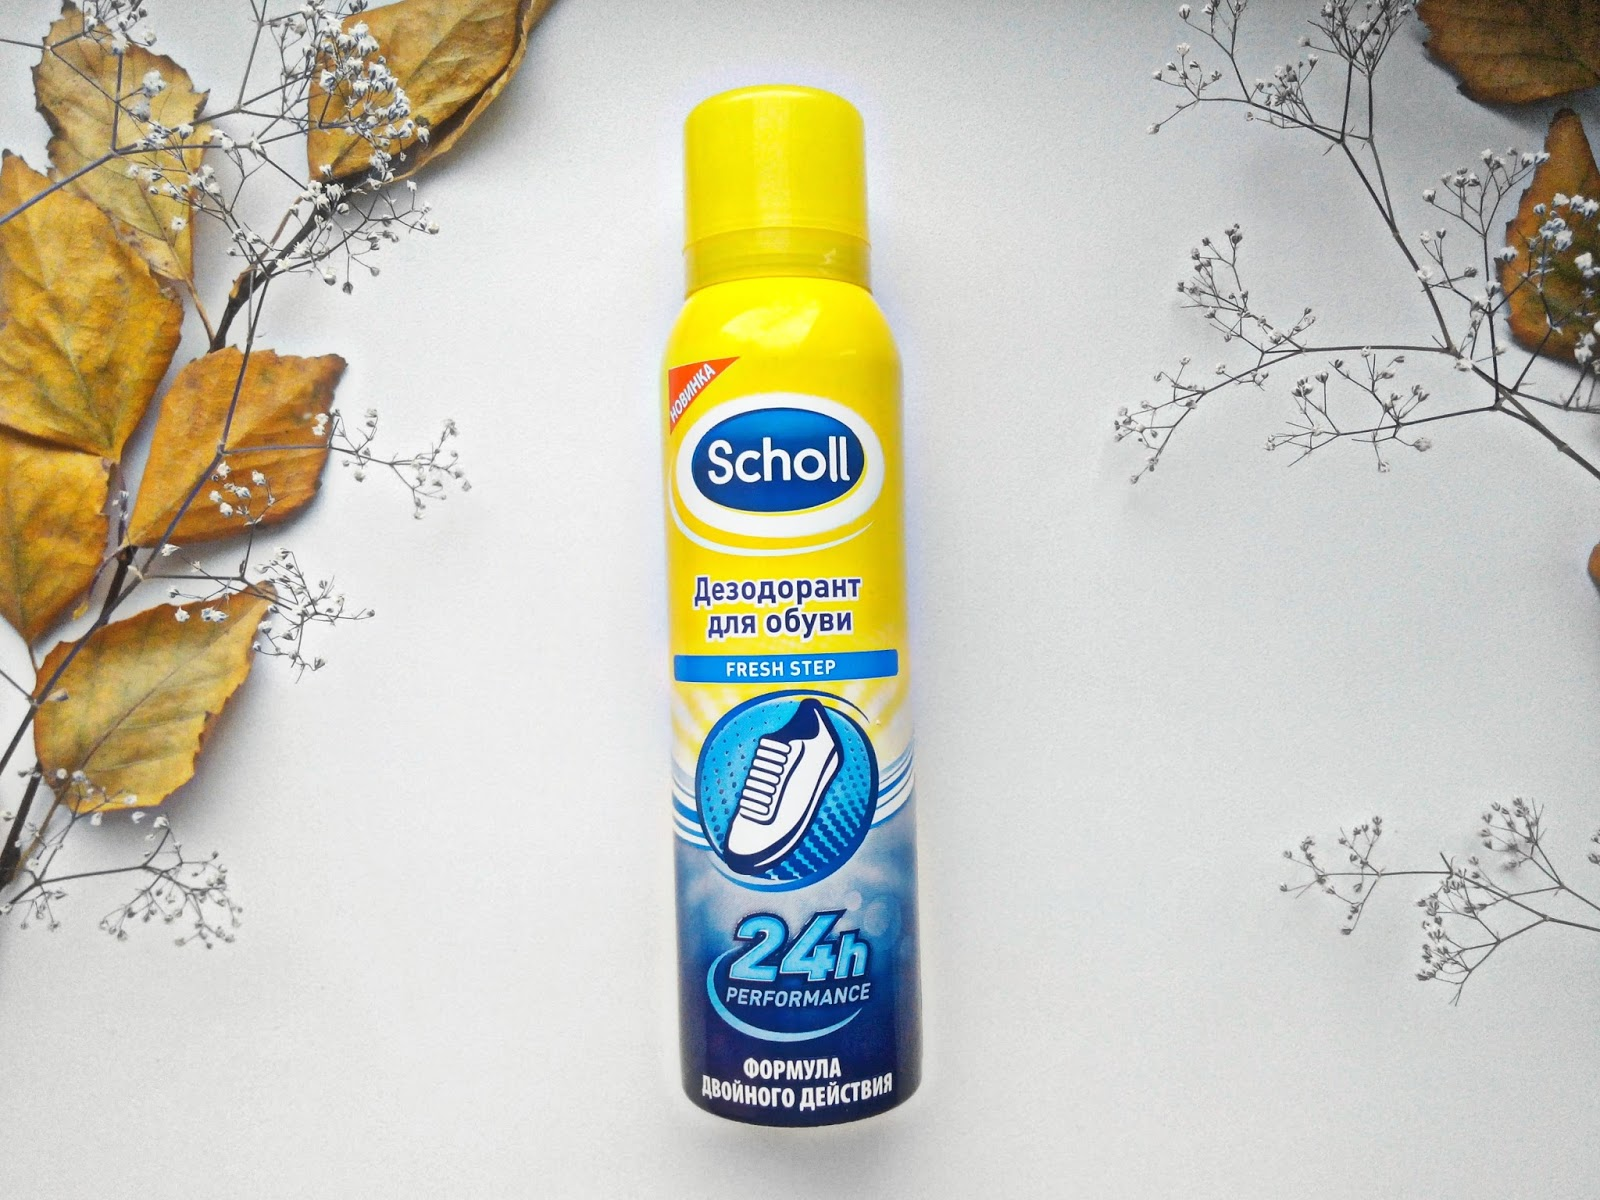 Дезодоранты своими руками